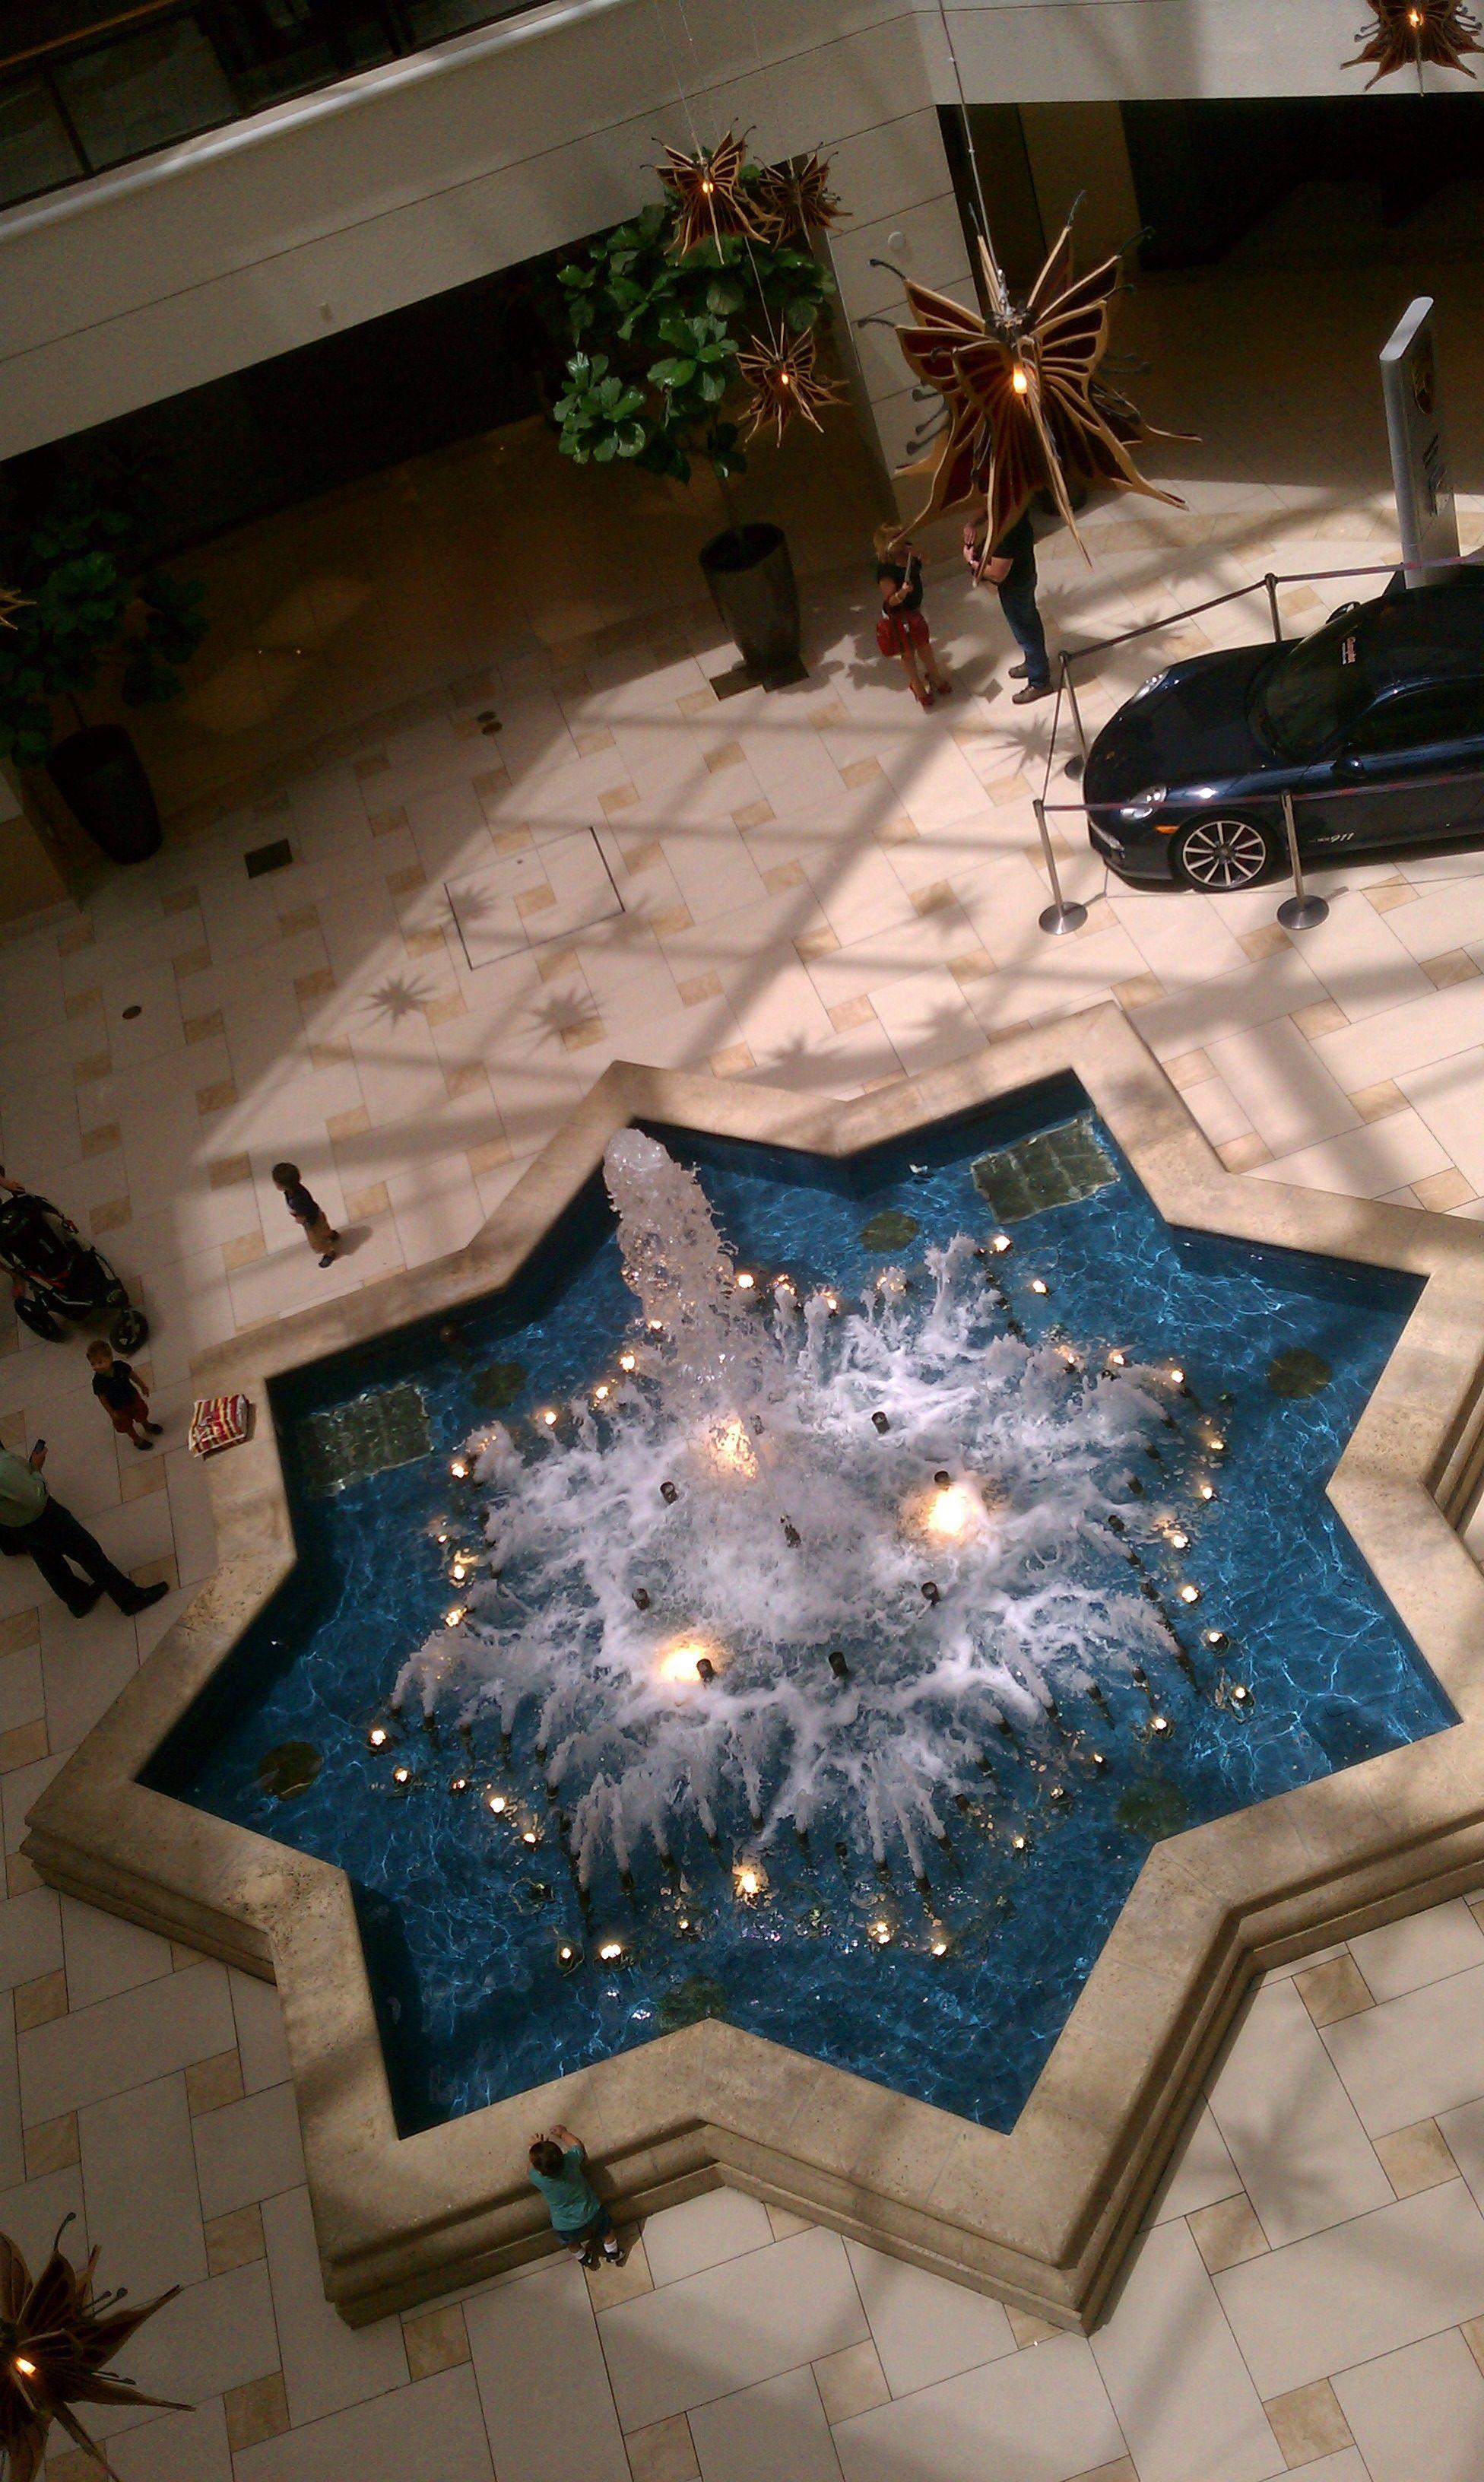 #Decorative #water #fountain Inside #Aventura #Mall #Miami #Florida